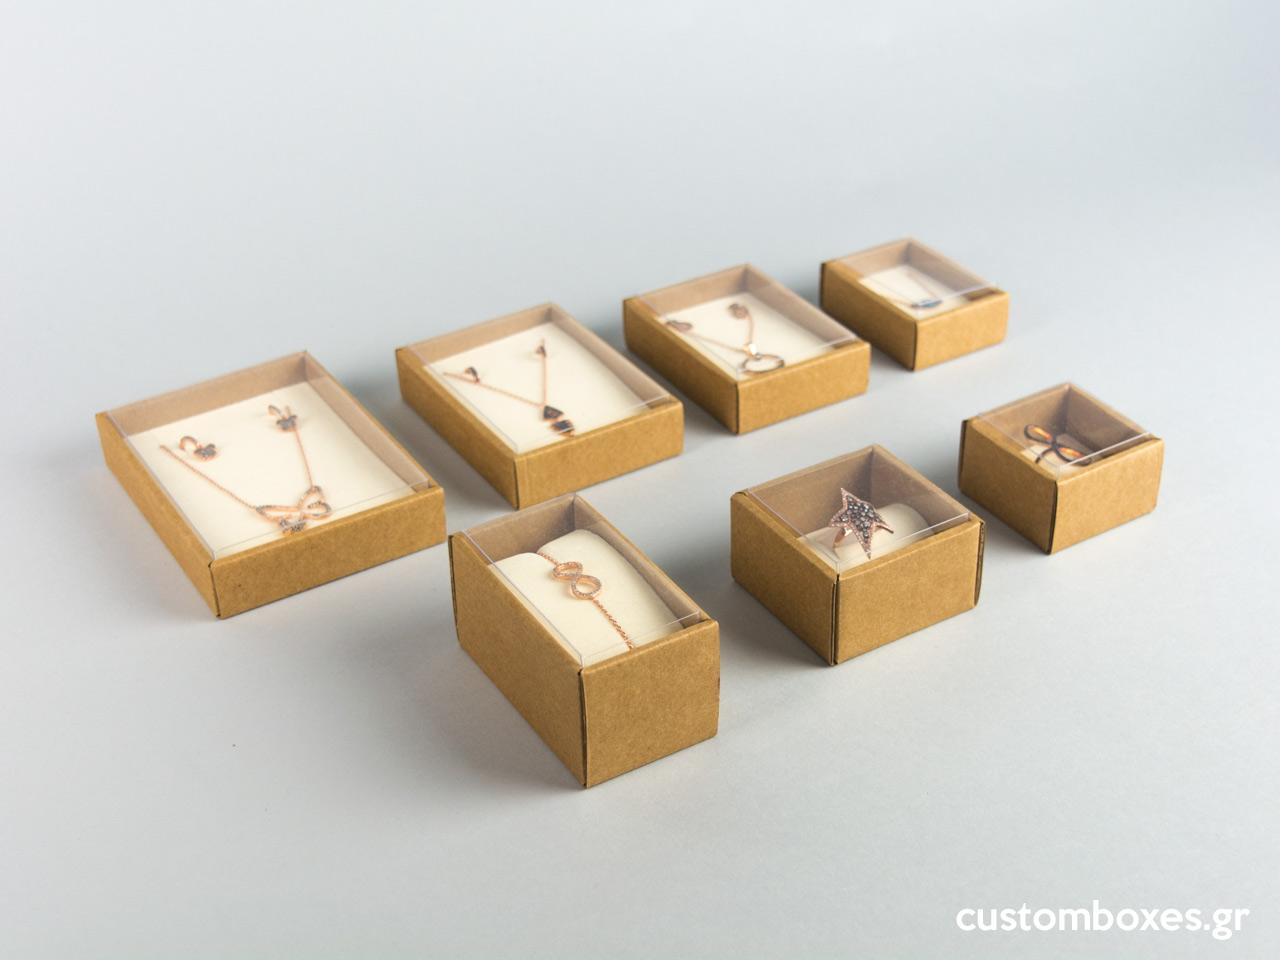 Οικολογικά κουτιά για κοσμήματα koutia eco spirtokouta selofan ekrou